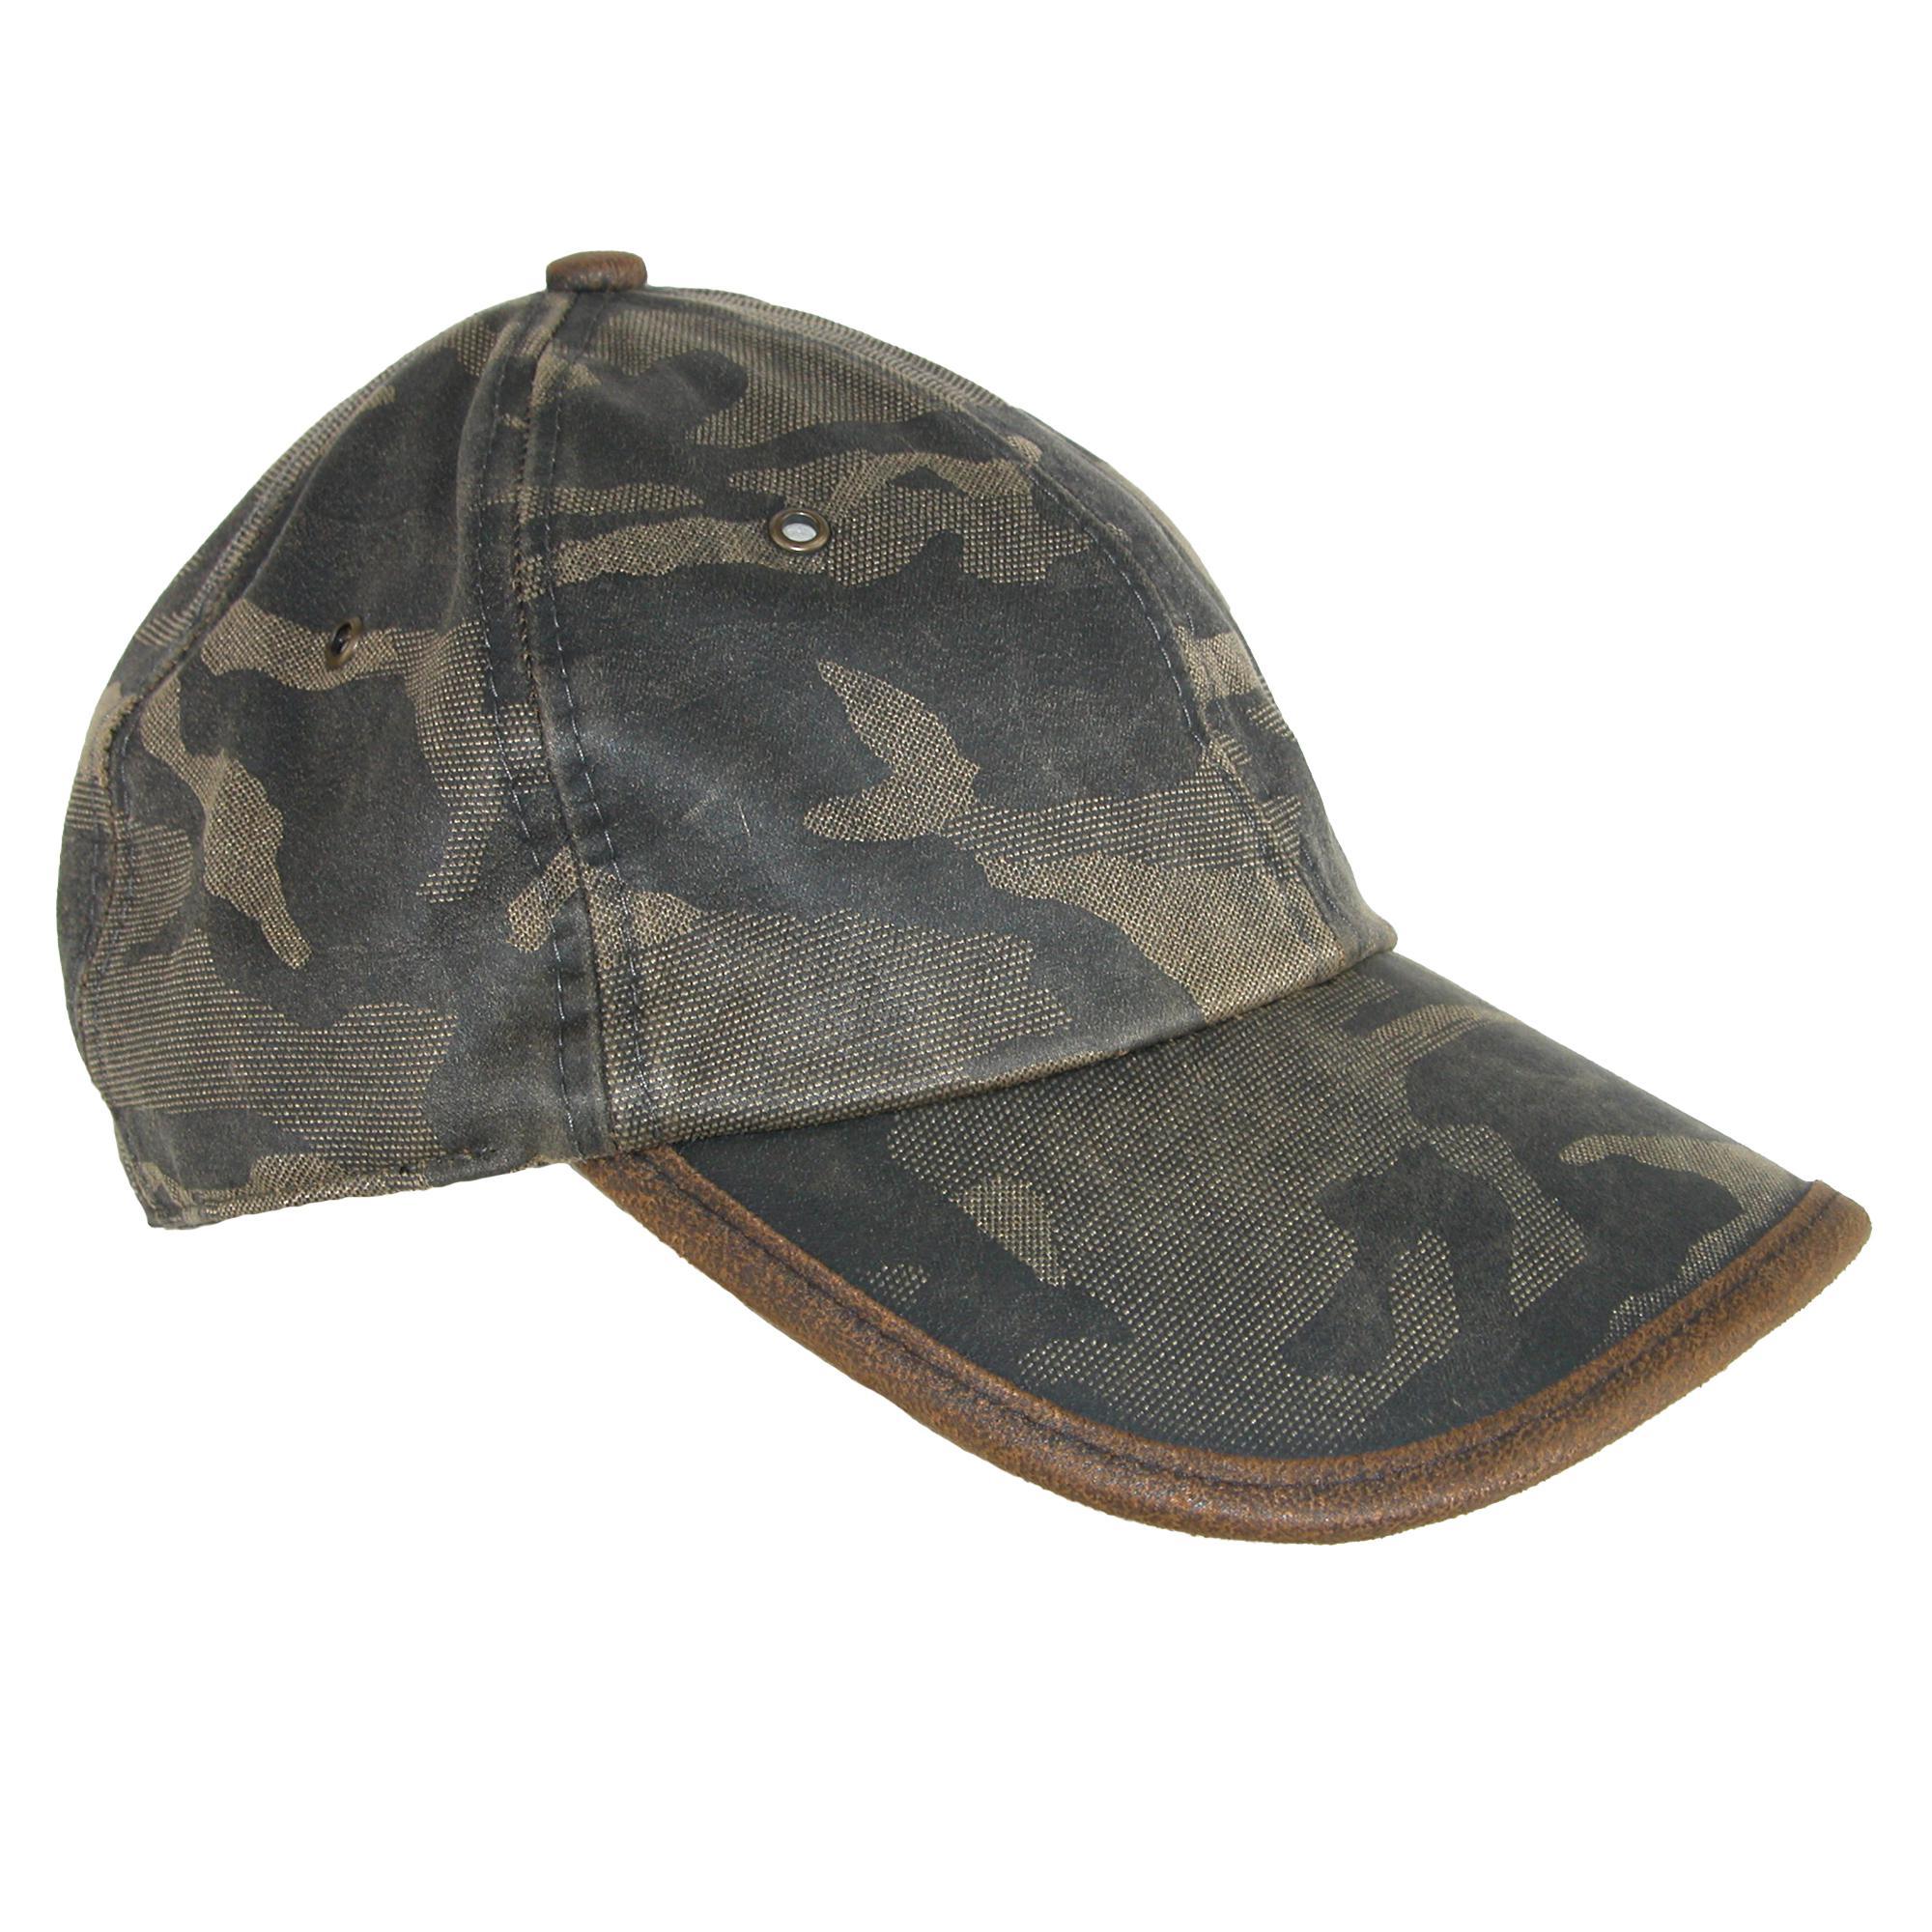 Details about New DPC Outdoor Design Men s Cotton Antique T-Slide Camo Baseball  Cap ecd1a2b371d